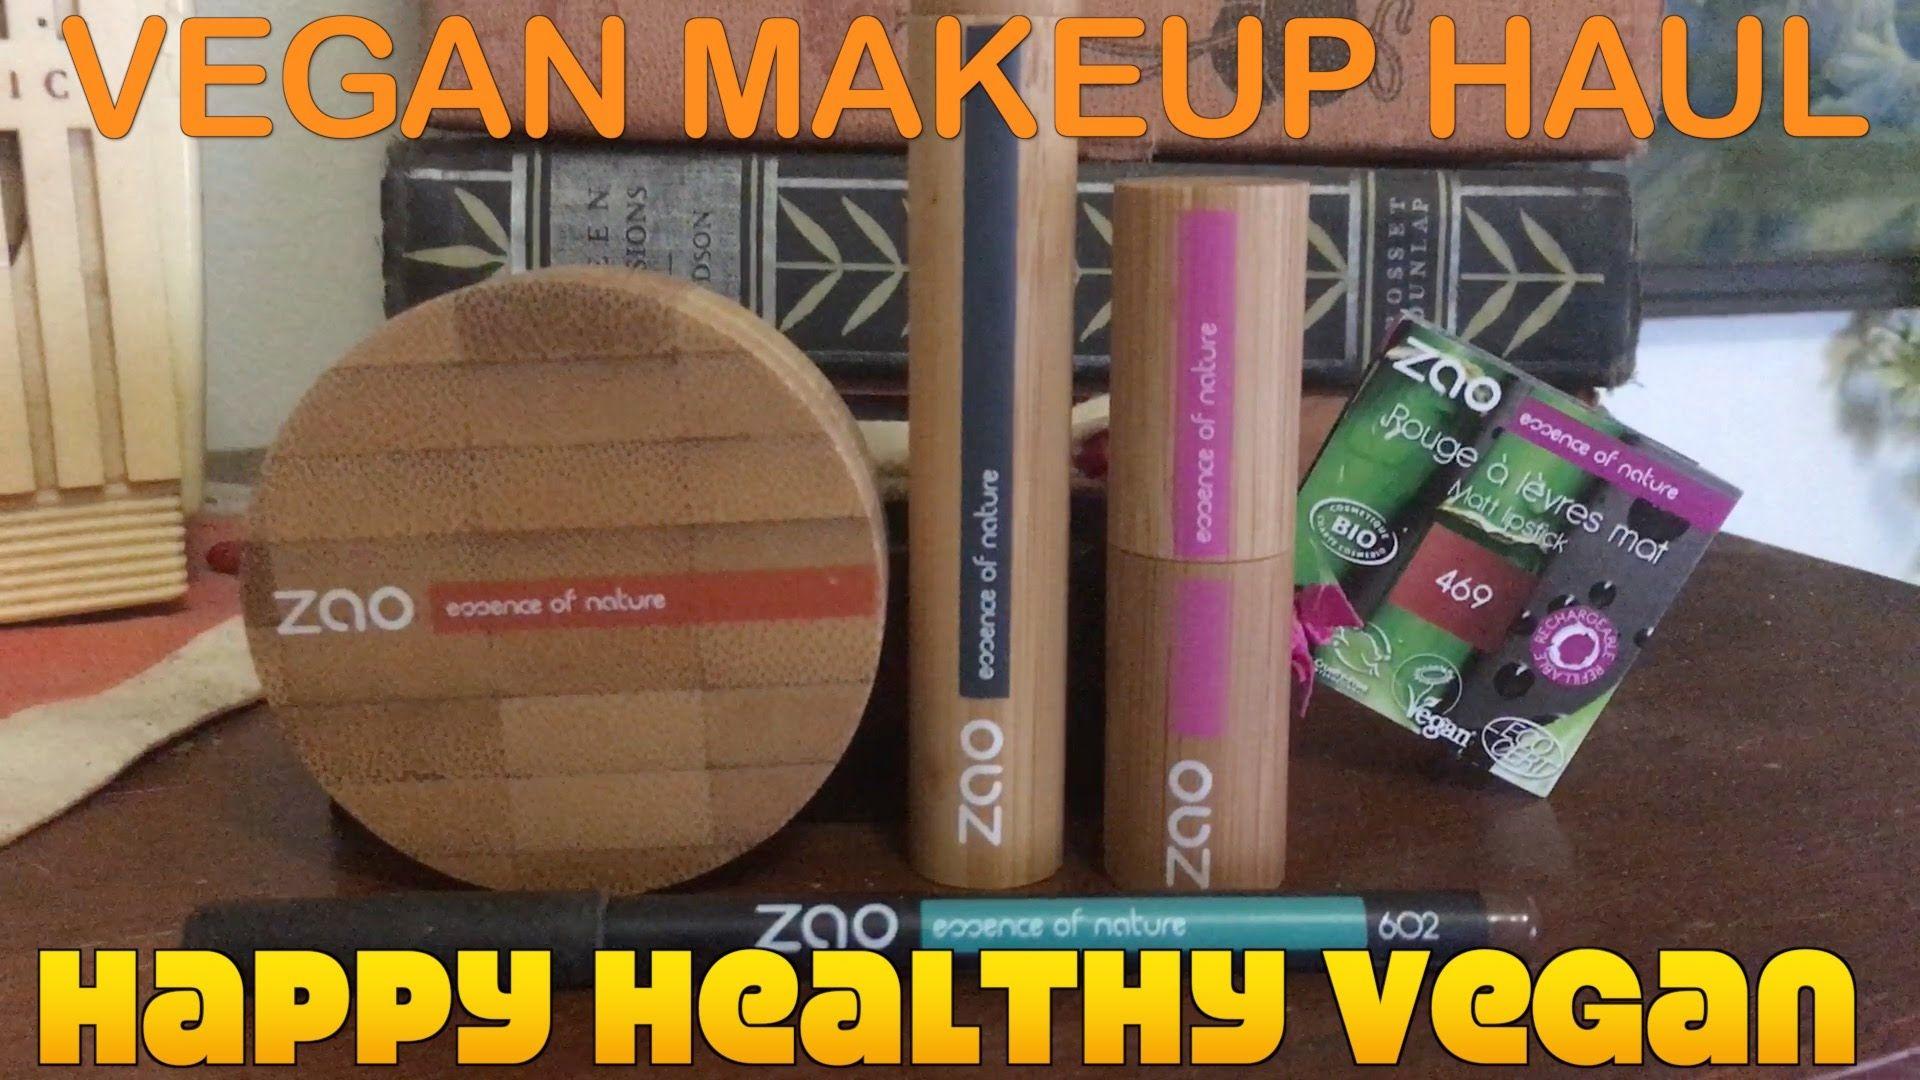 Vegan Makeup Haul Zao Organics Review + Demo Vegan